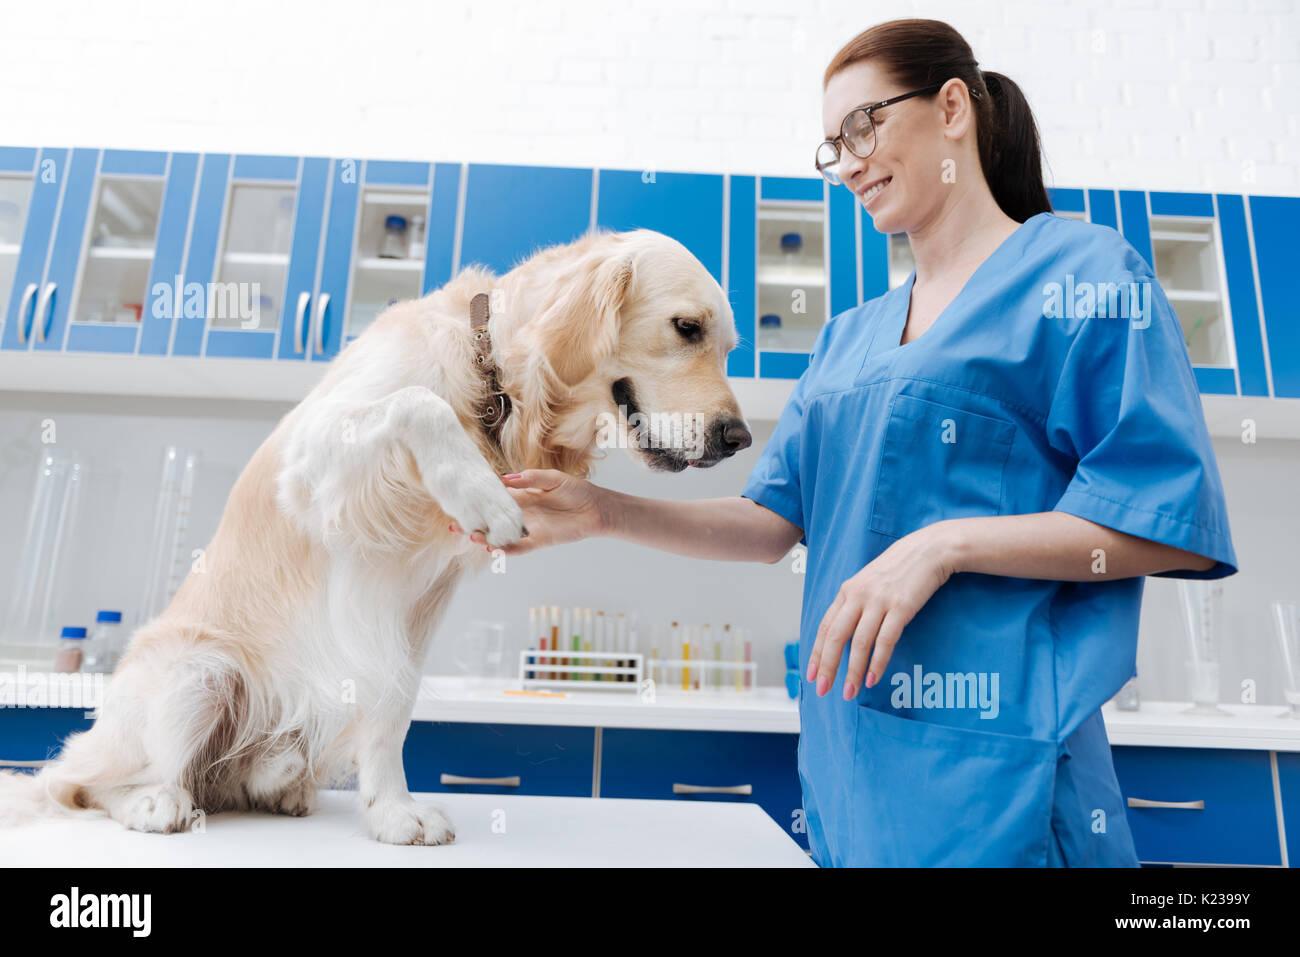 Attento Labrador a dare la zampata di medico Immagini Stock